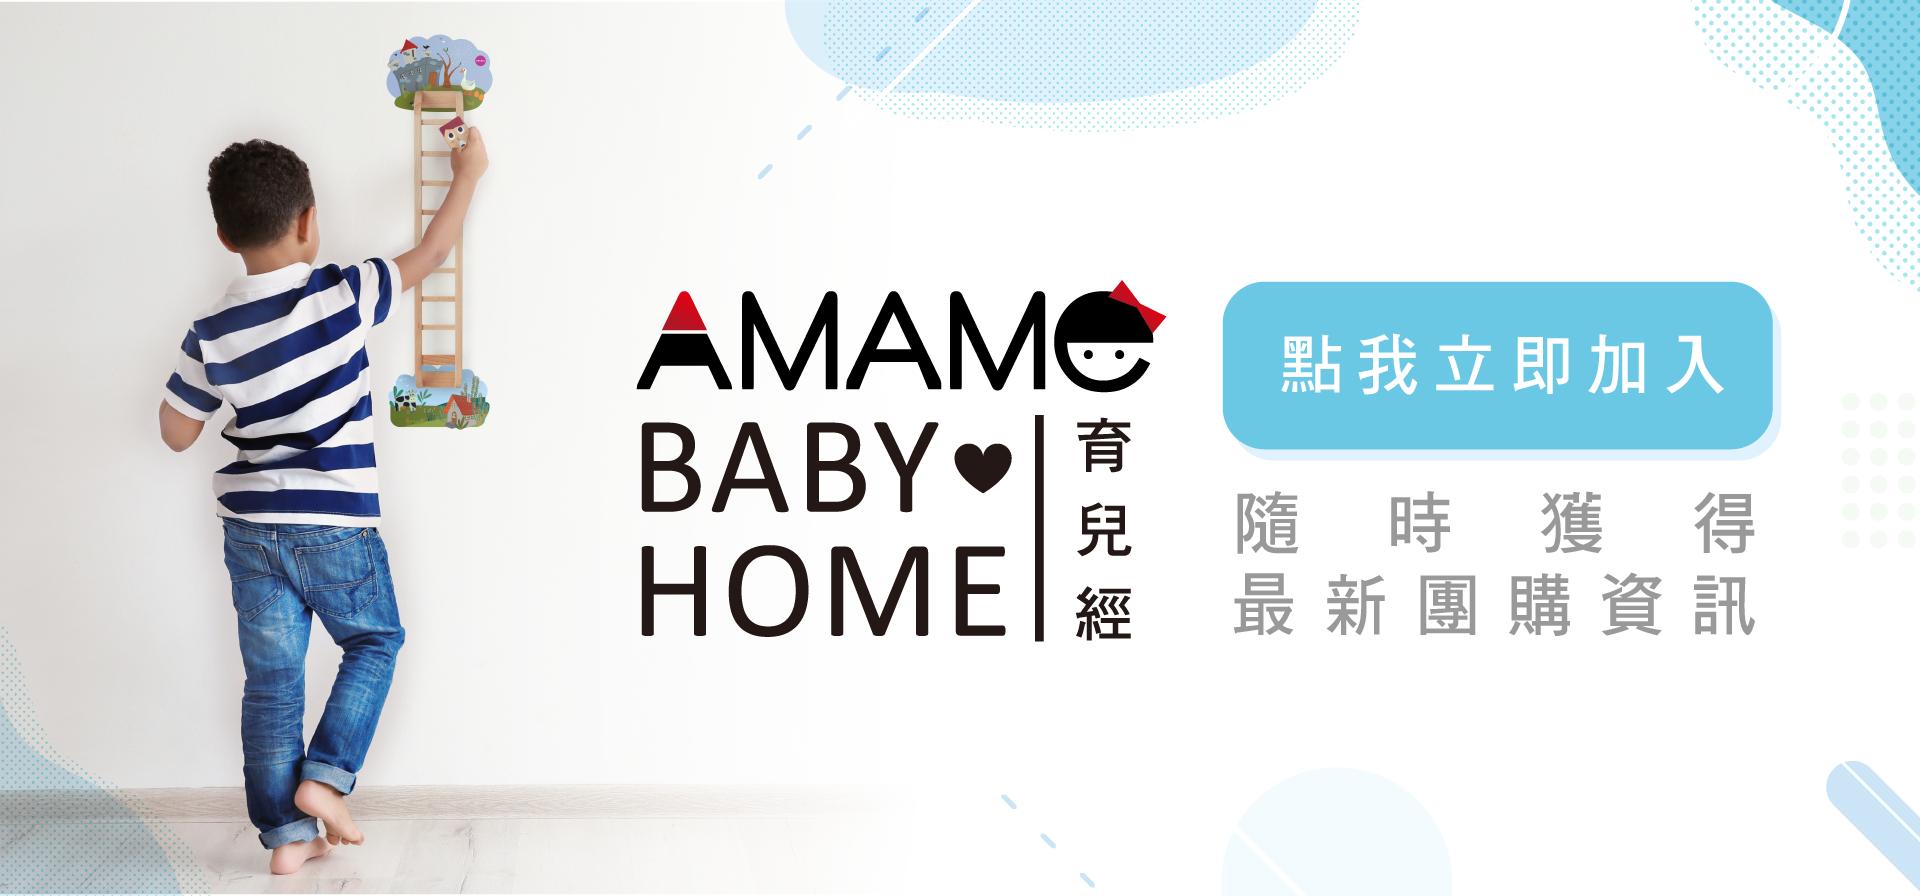 加入AMaMe的FB社團AMaMe Baby Home育兒經,隨時最新團購資訊。點我立即加入。